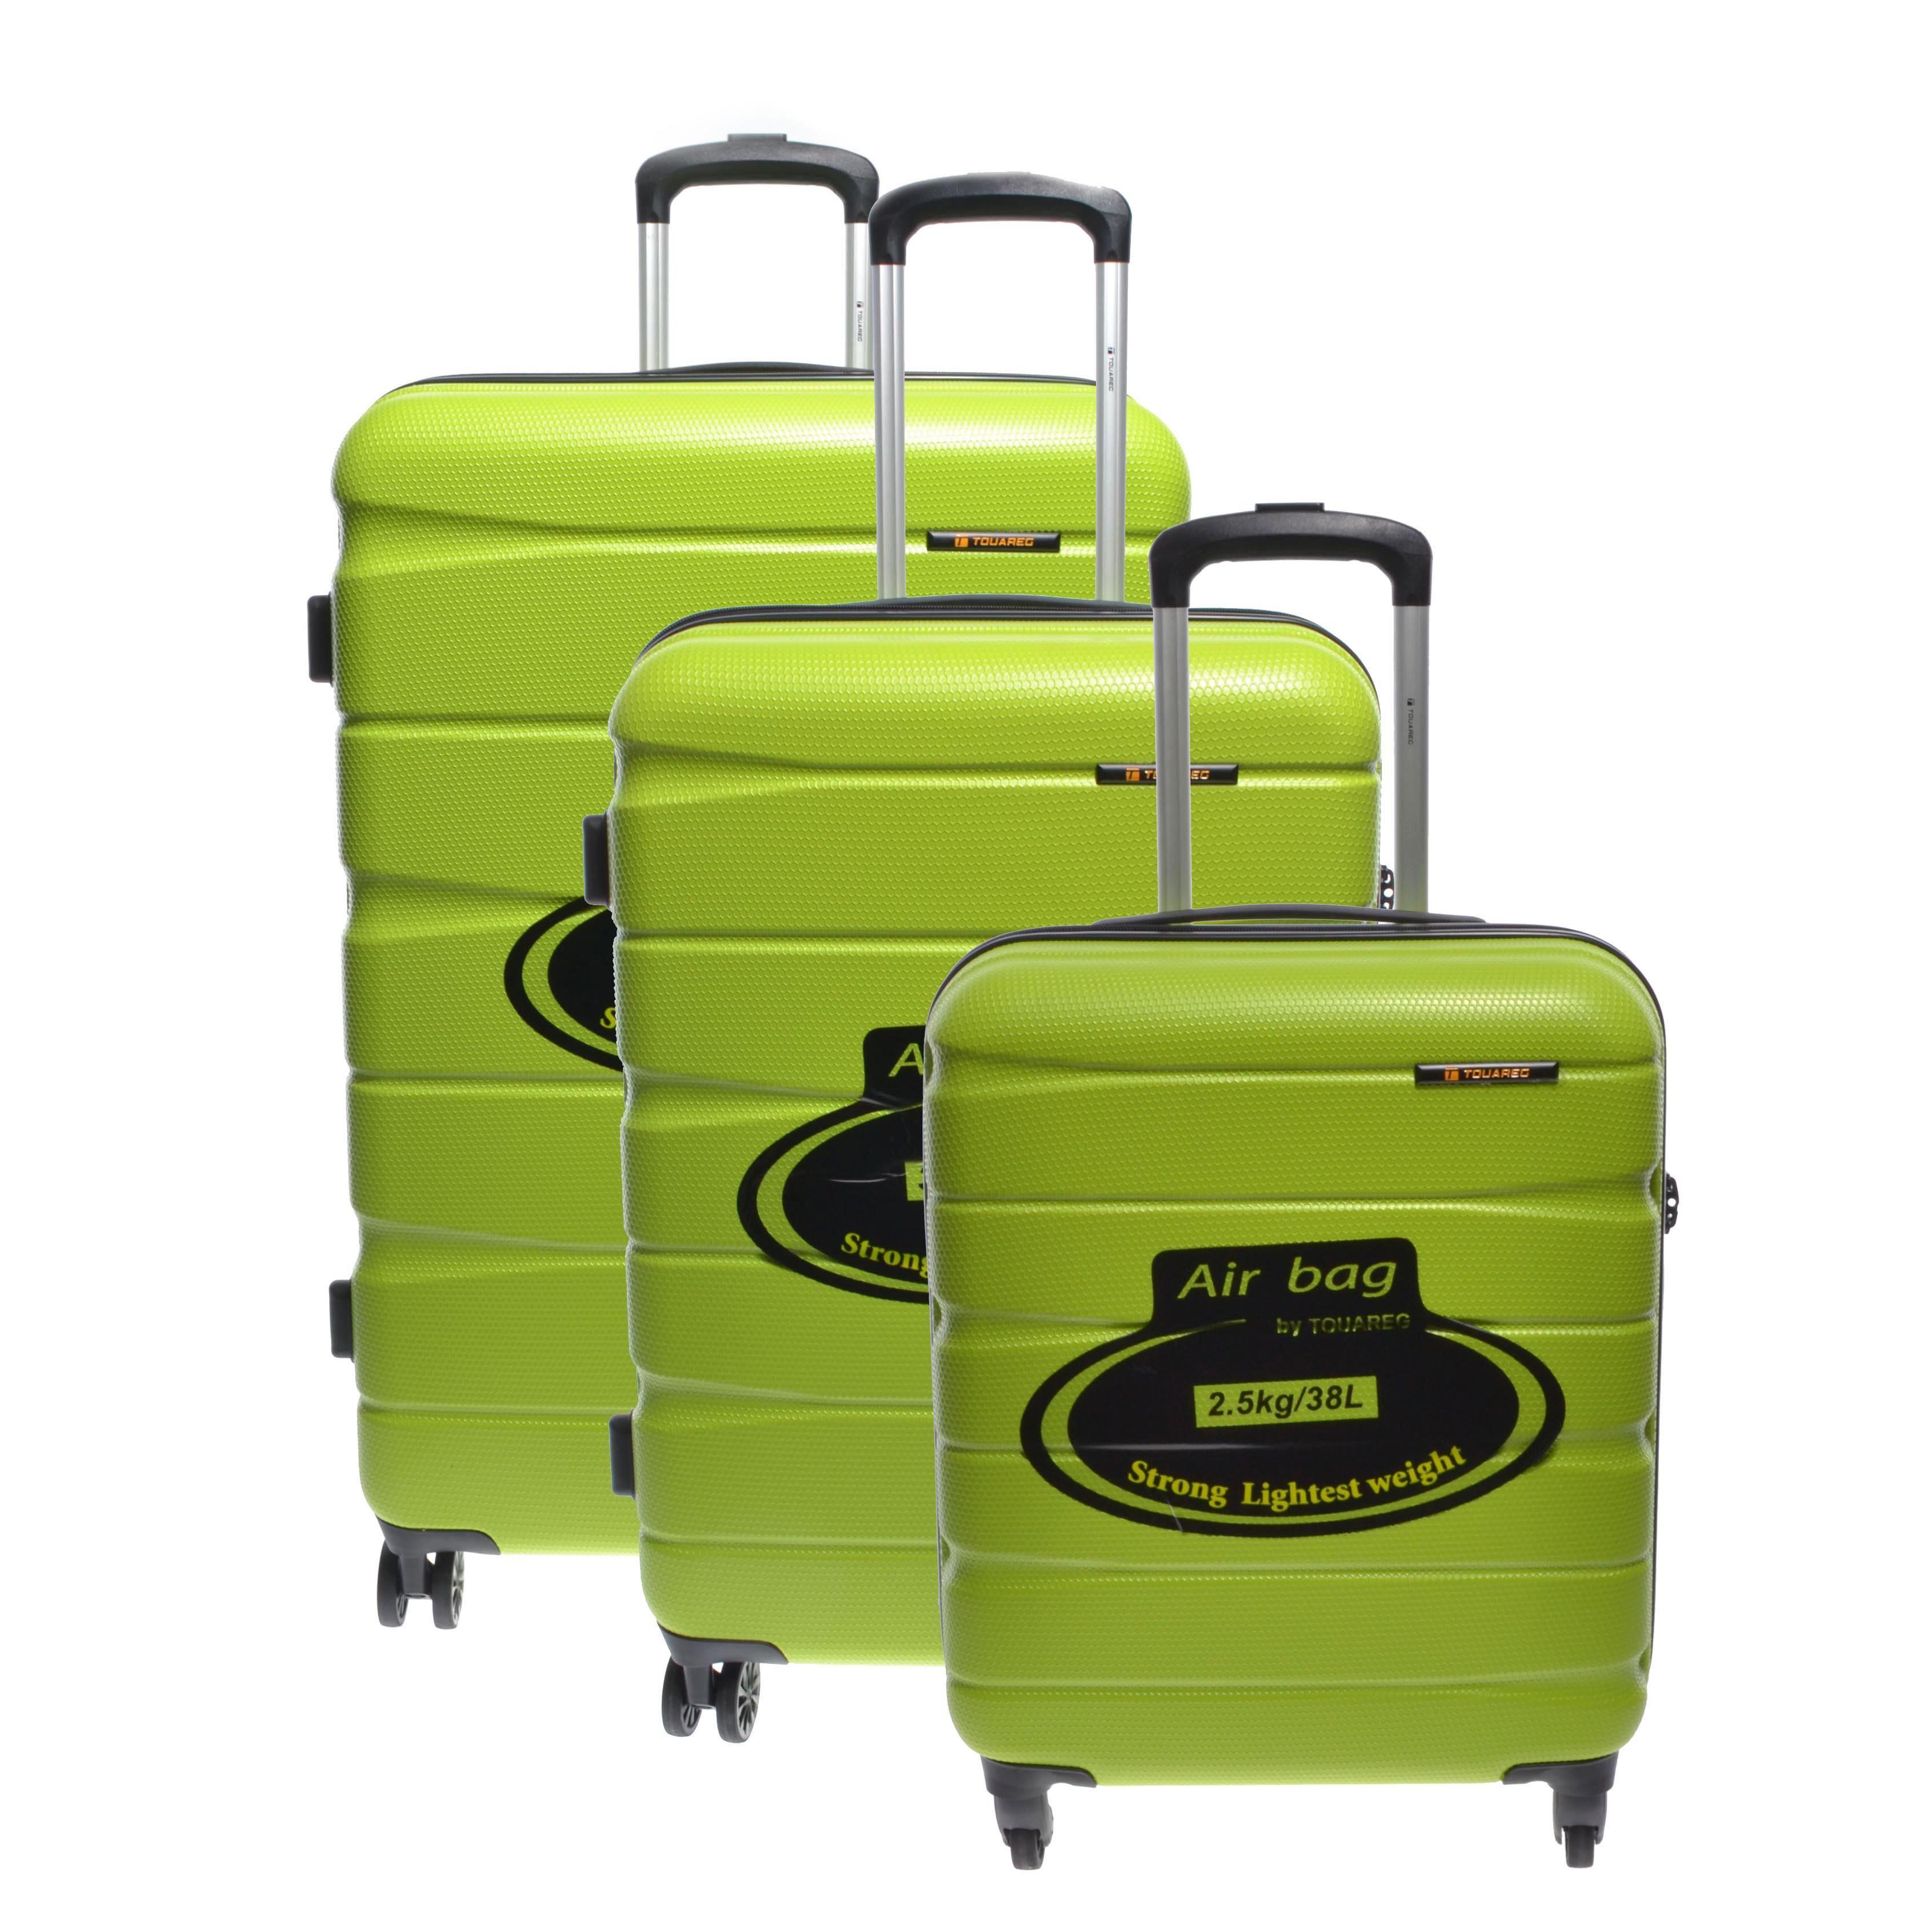 5ecb2ecb761b 15A128 Lime Zöld Touareg Kemény Bőrönd Szett - Touareg - Táska webáruház - Minőségi  táskák mindenkinek